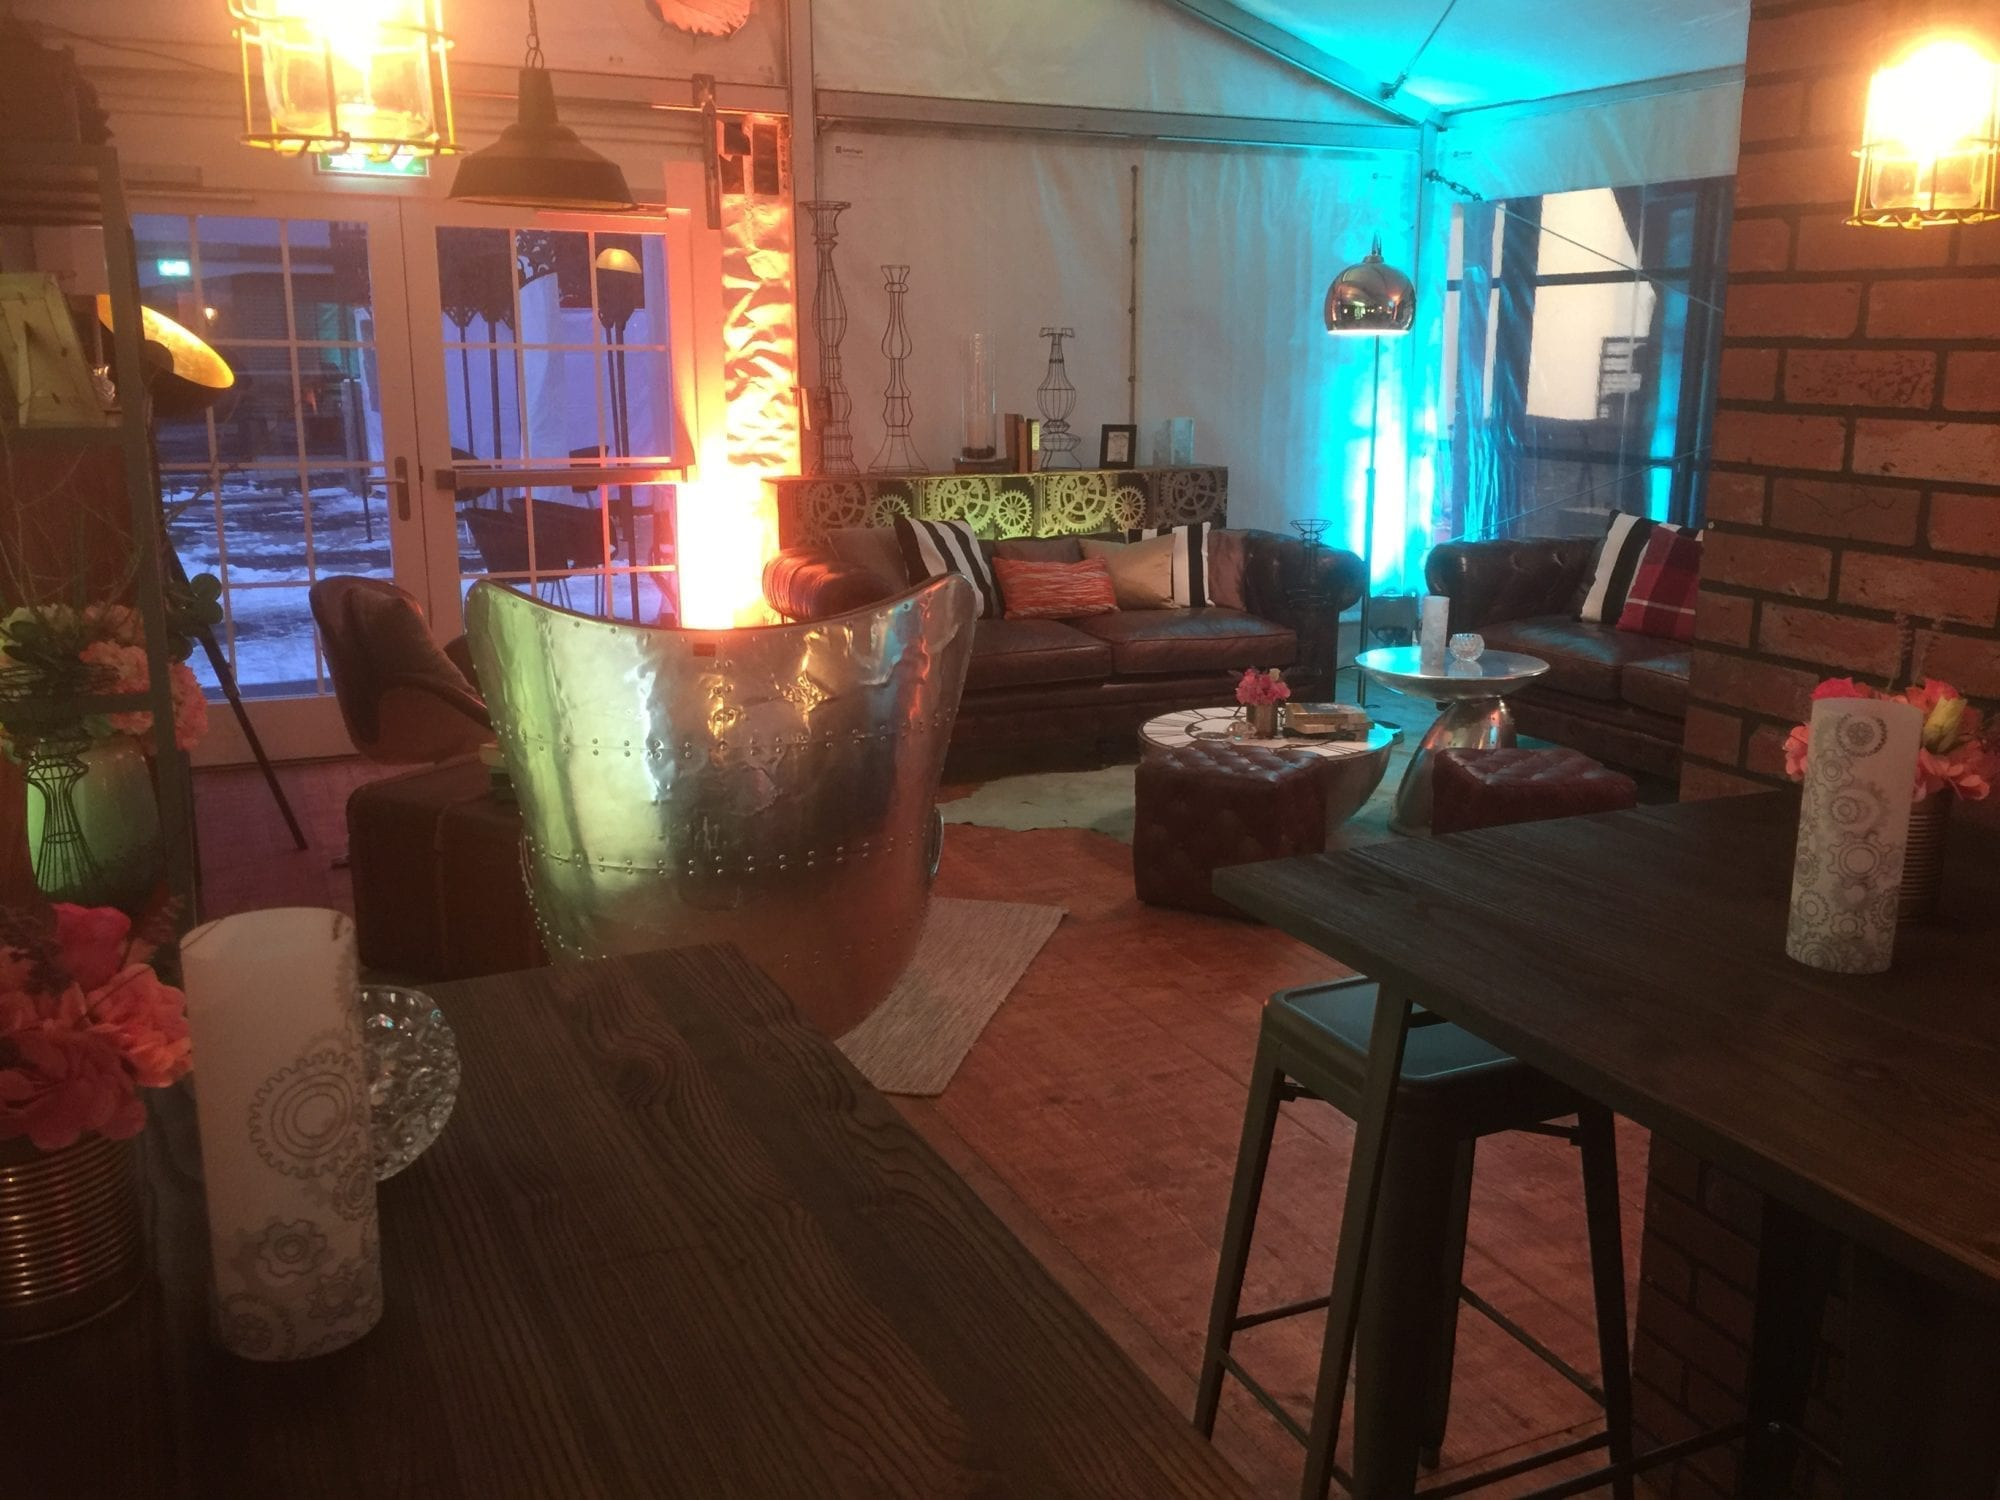 bogenlampe mieten rent-a-lounge 4